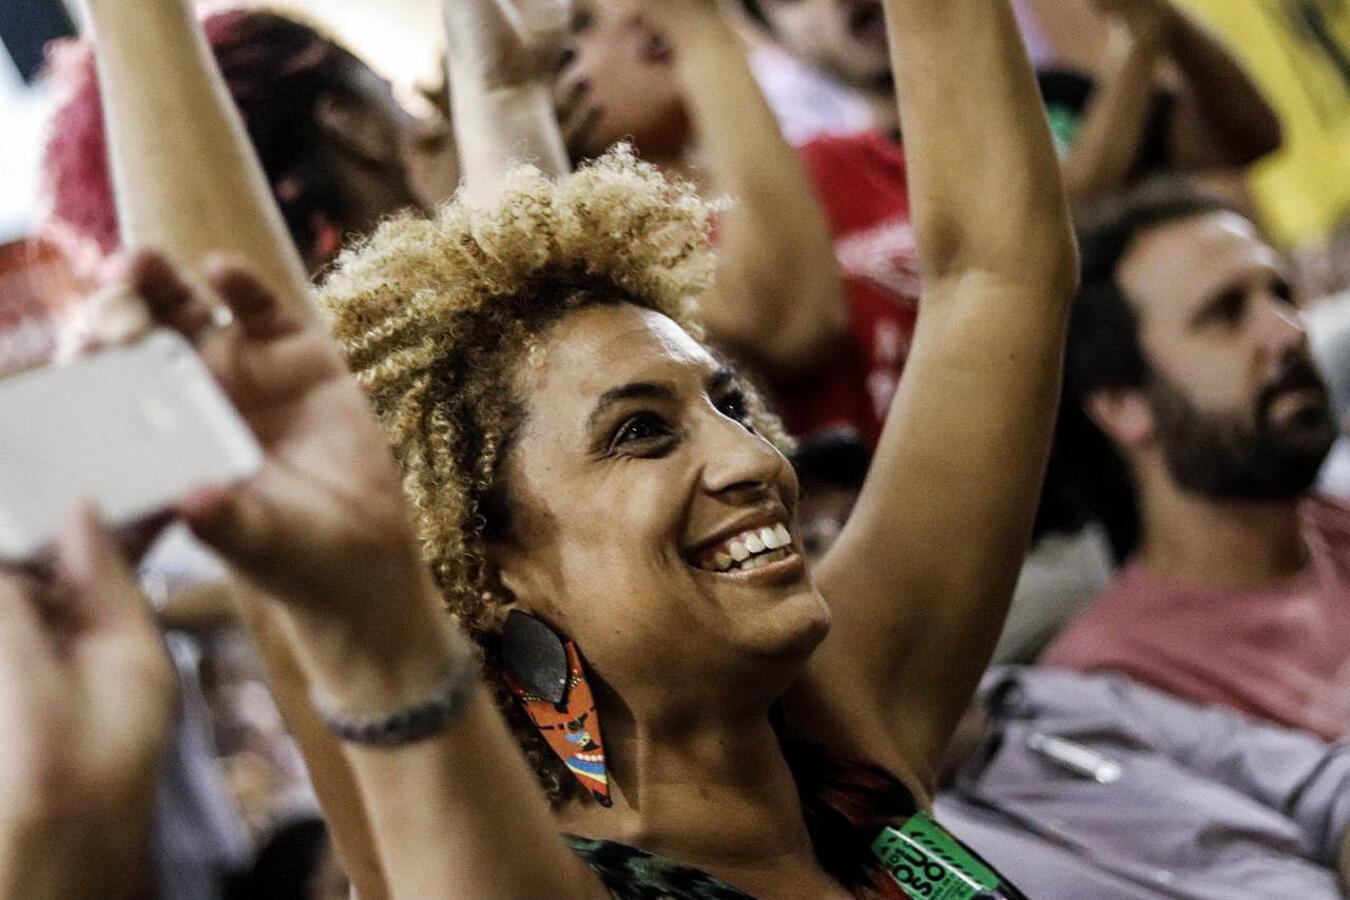 Marielle Franco, vereadora do PSOL, denunciou a truculência da polícia